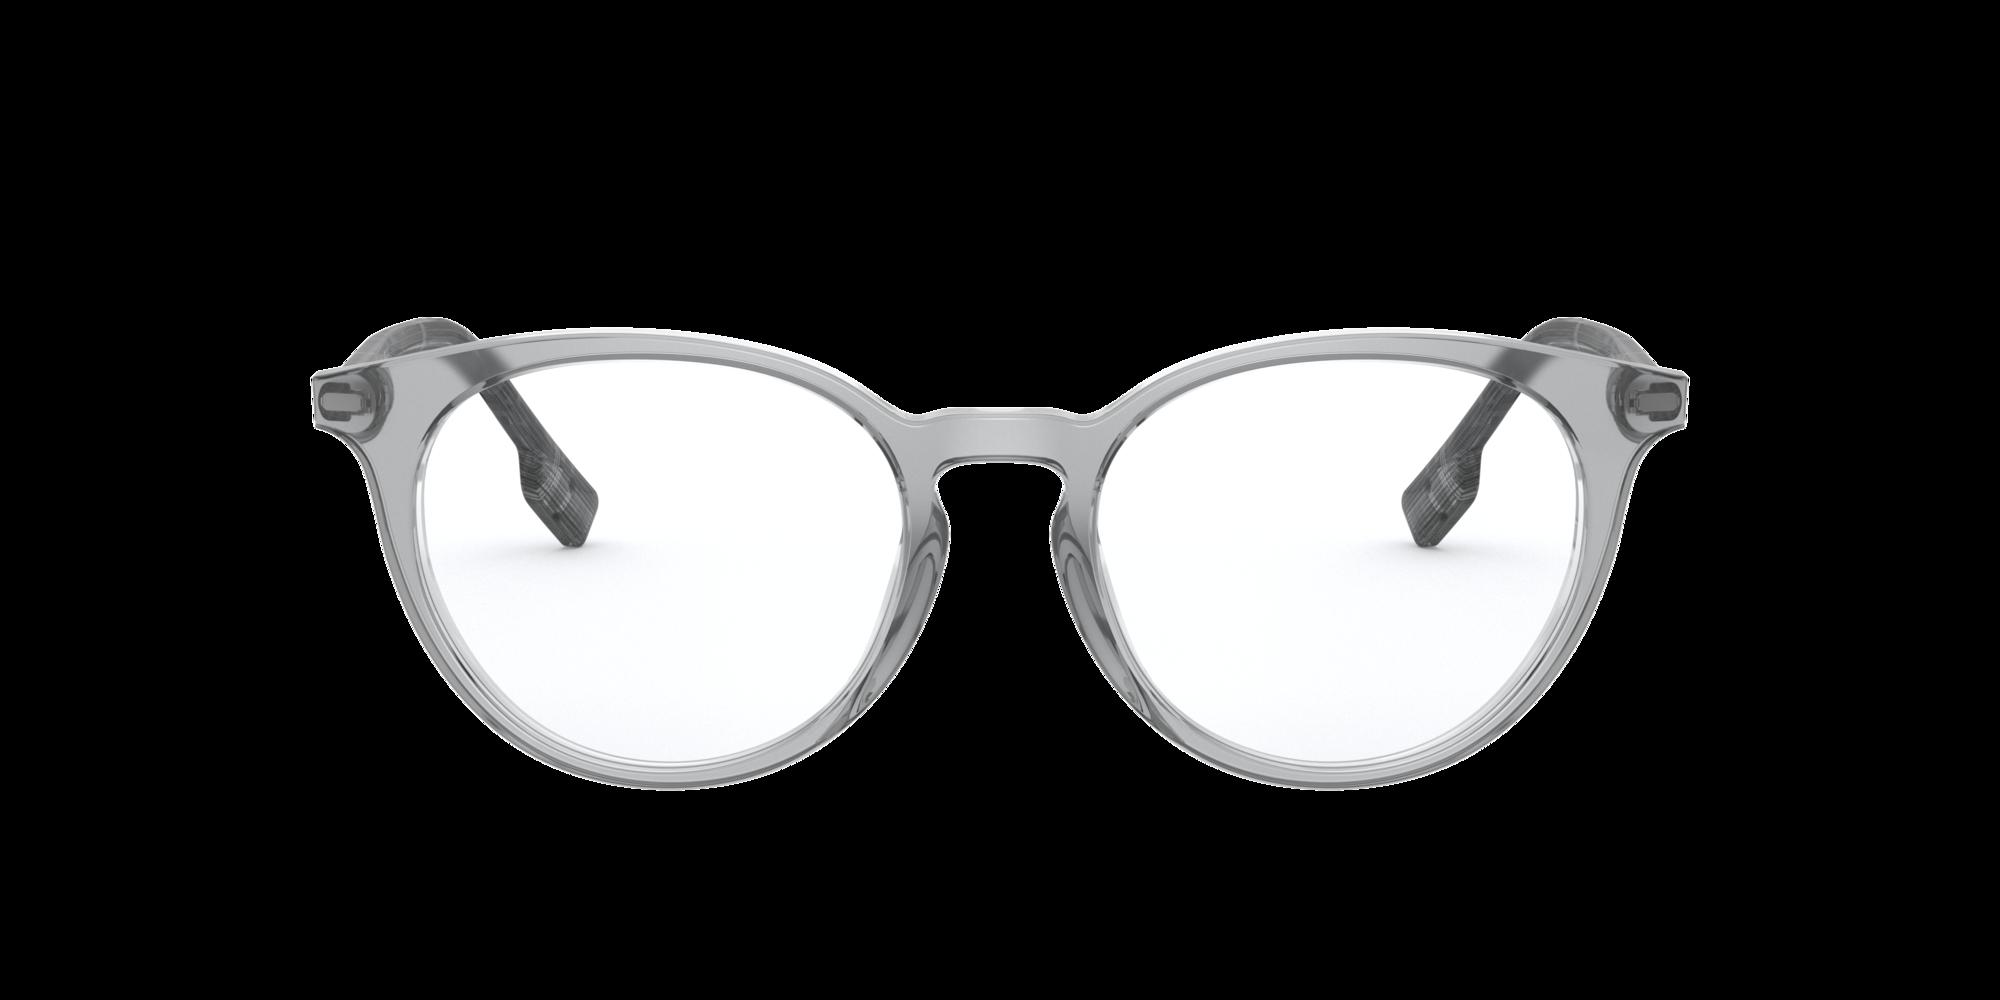 Imagen para BE2318 de LensCrafters |  Espejuelos, espejuelos graduados en línea, gafas